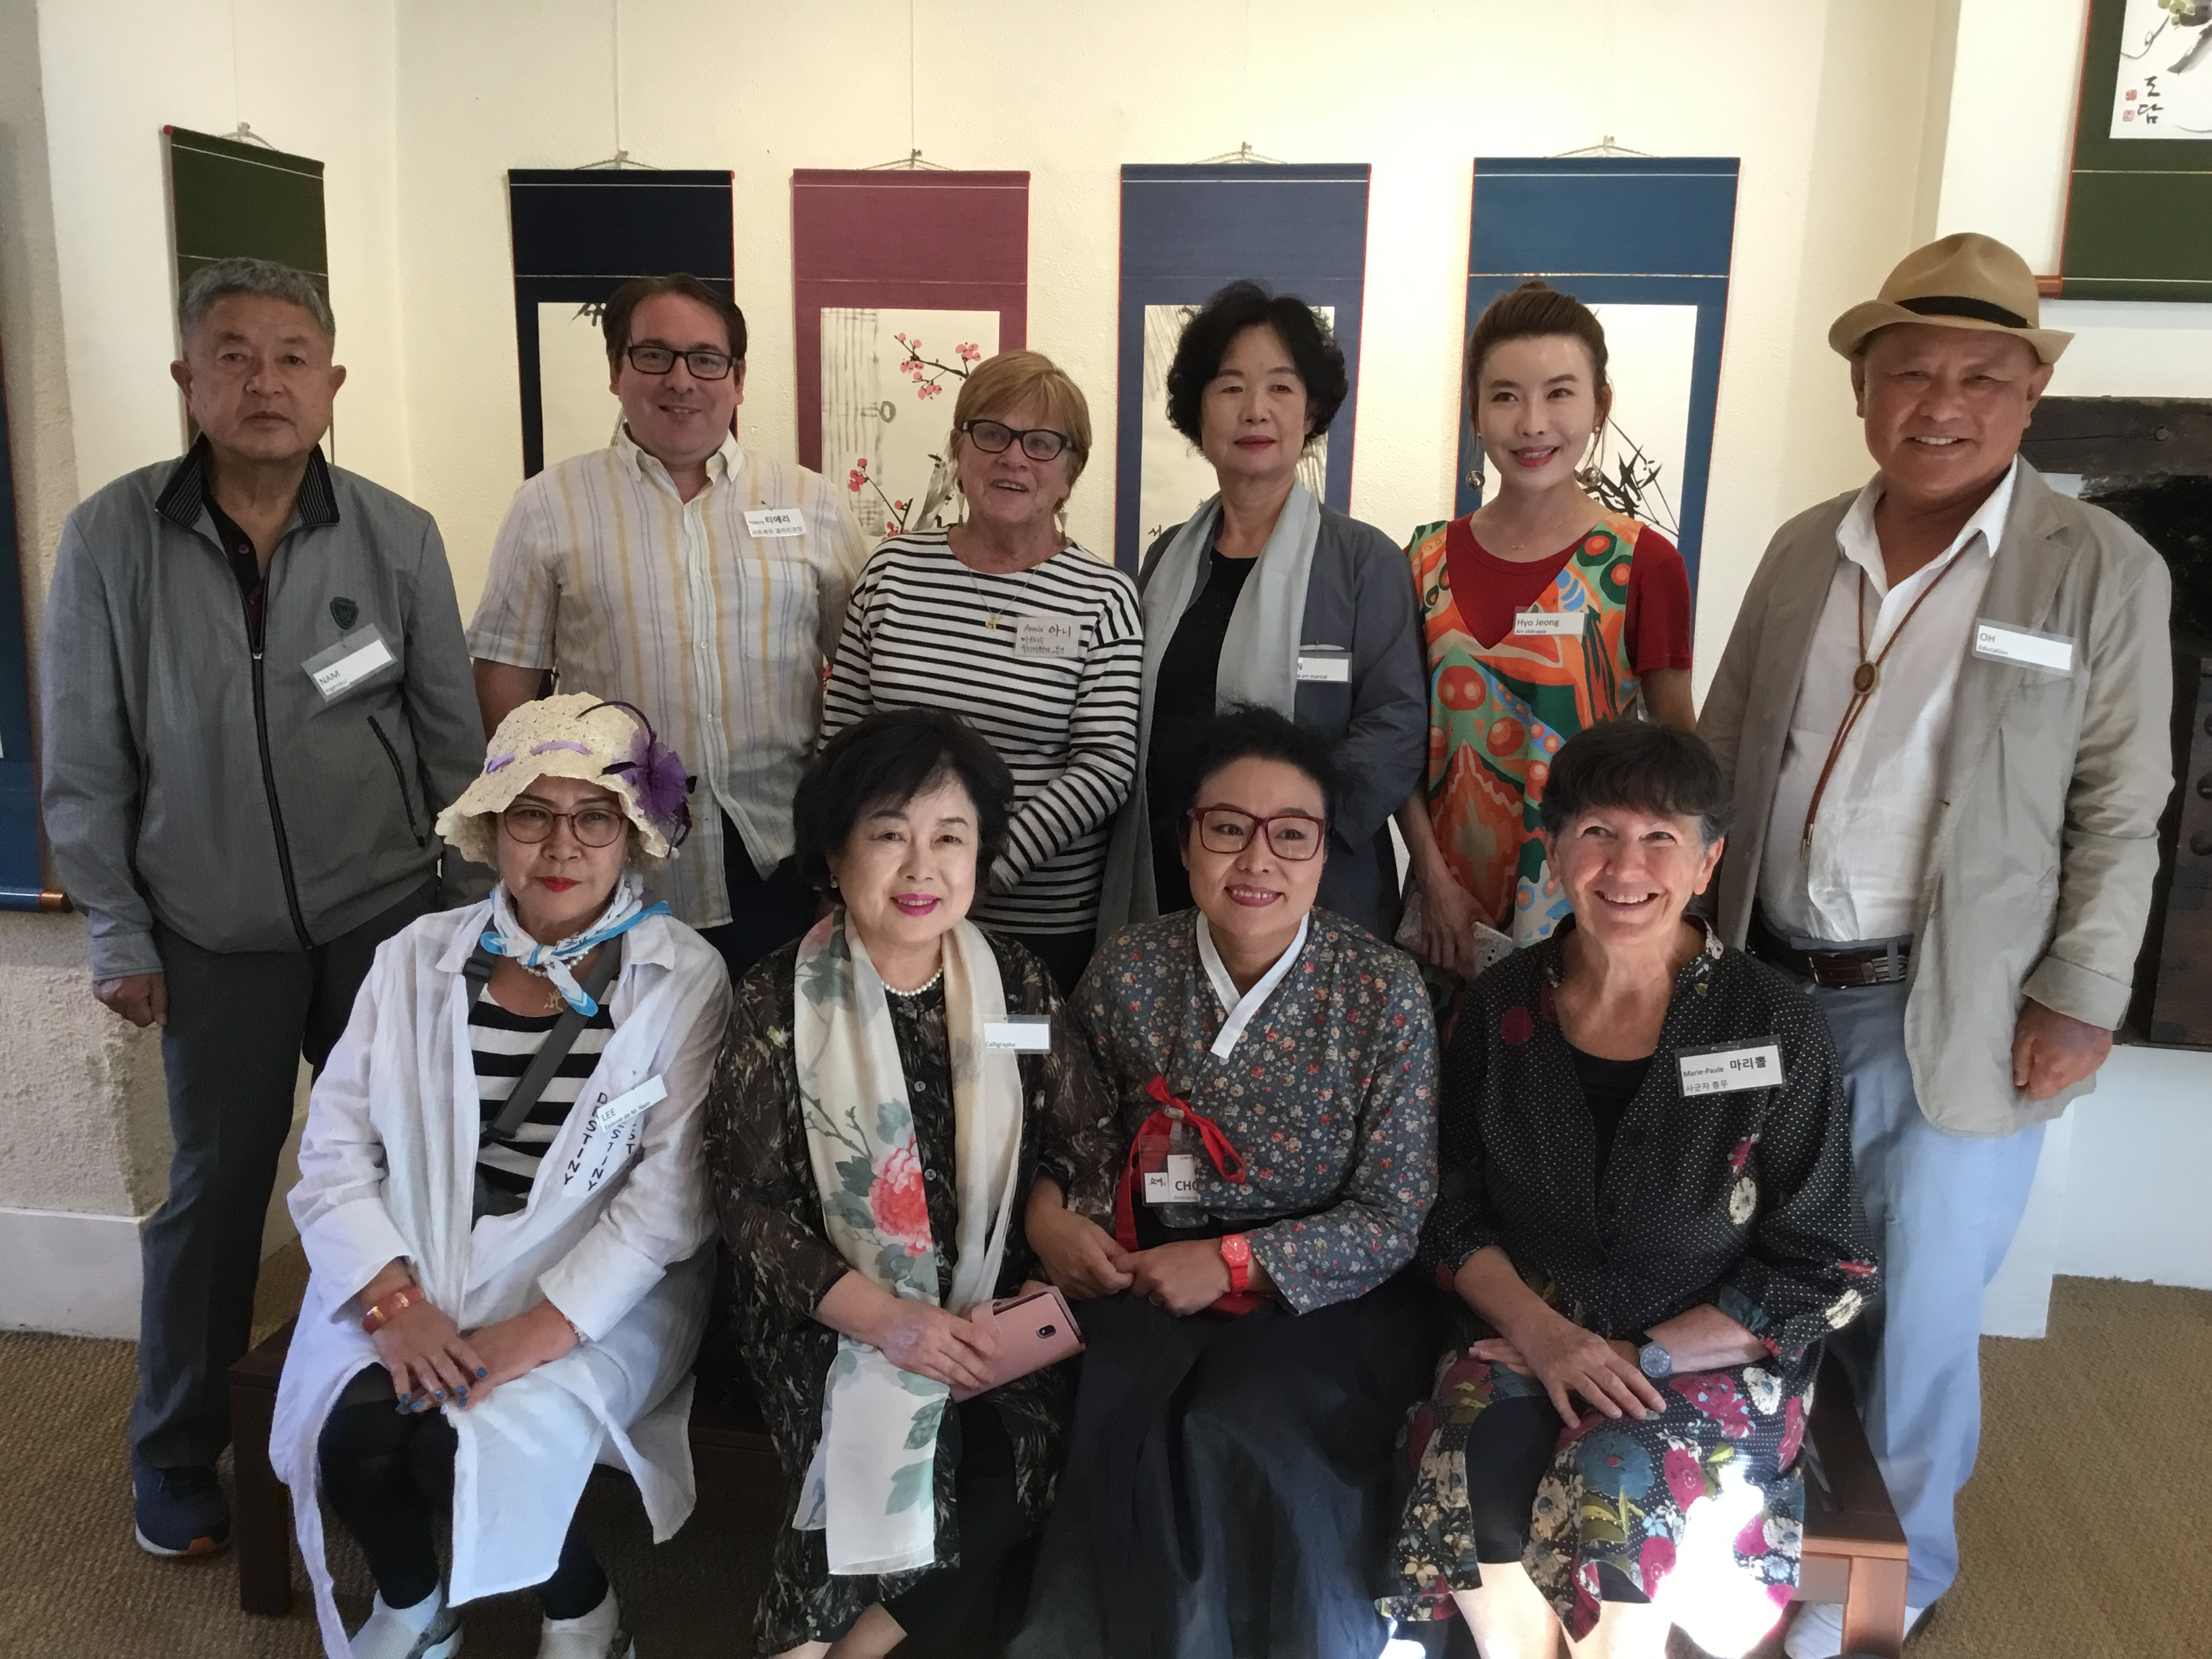 Rencontre à Nevers entre des Artistes Coréens – L'association Sagunja* d'Orleans & l'Atelier des Arts de Marseille